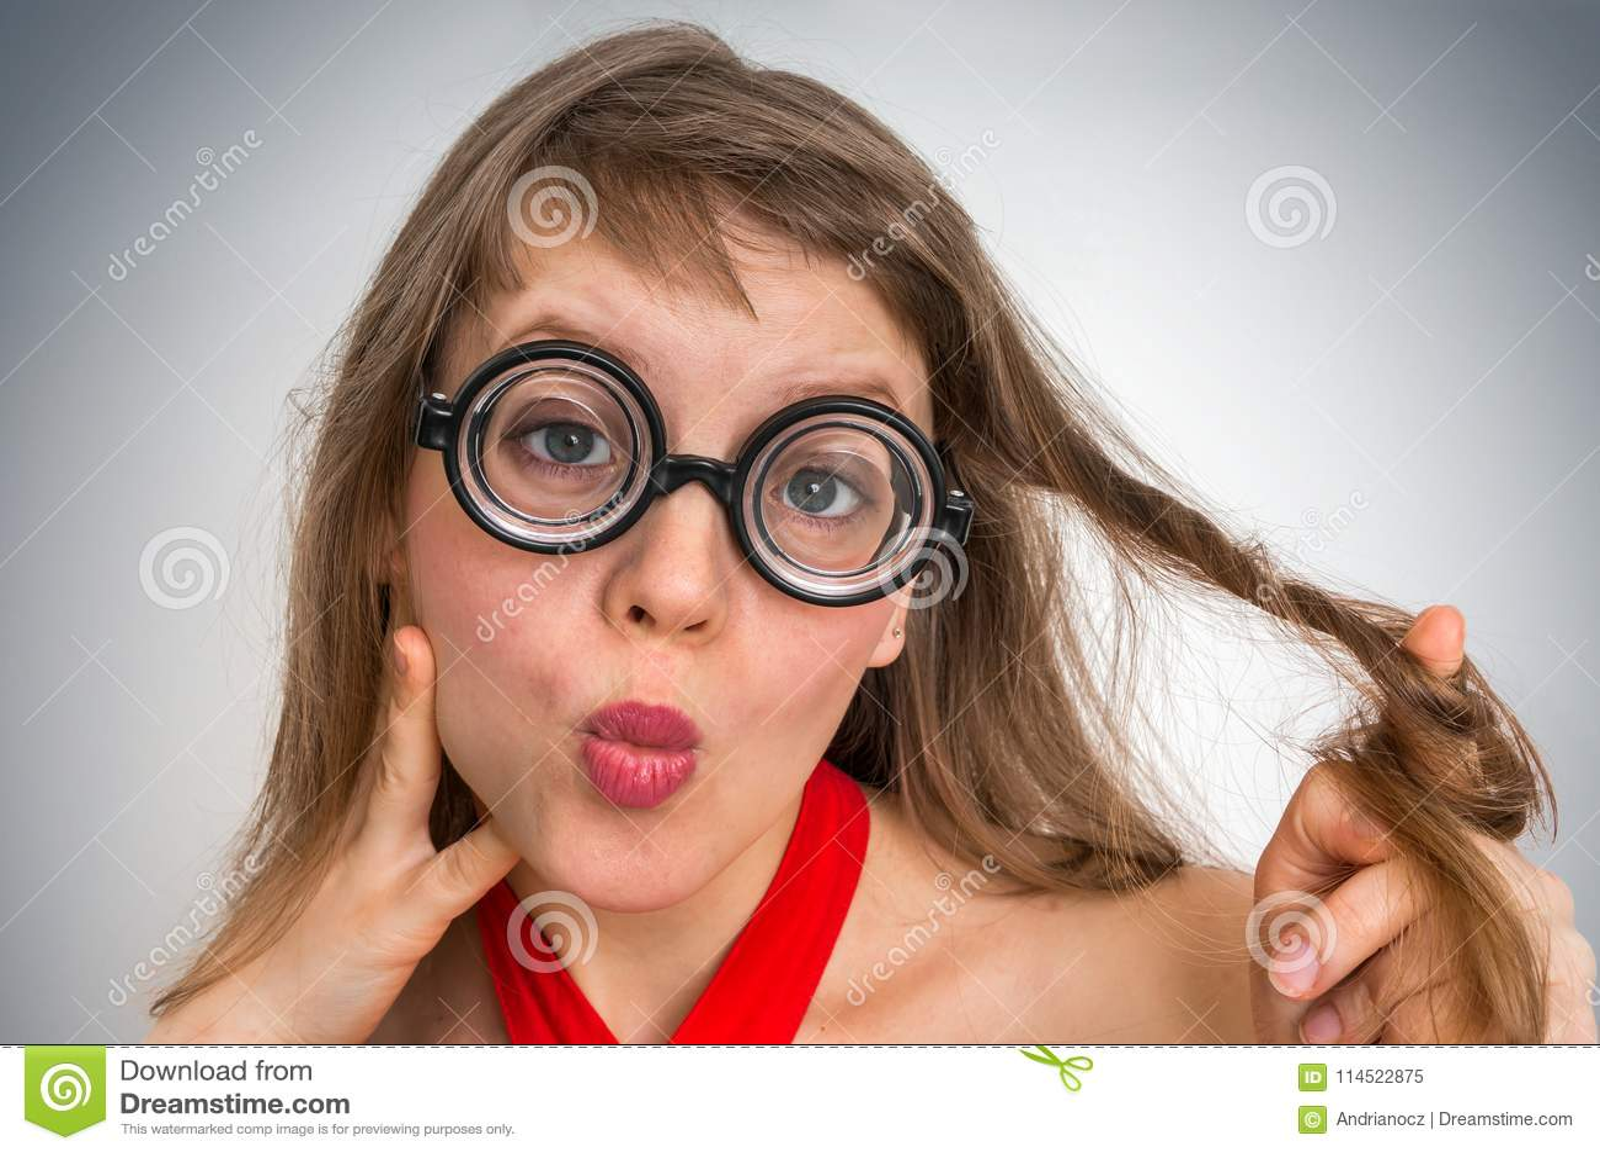 4265fbe3de Νέα αστεία nerd ή geek γυναίκα με τη σεξουαλική έκφραση στο πρόσωπο.  Περισσότερες παρόμοιες στοκ εικόνες